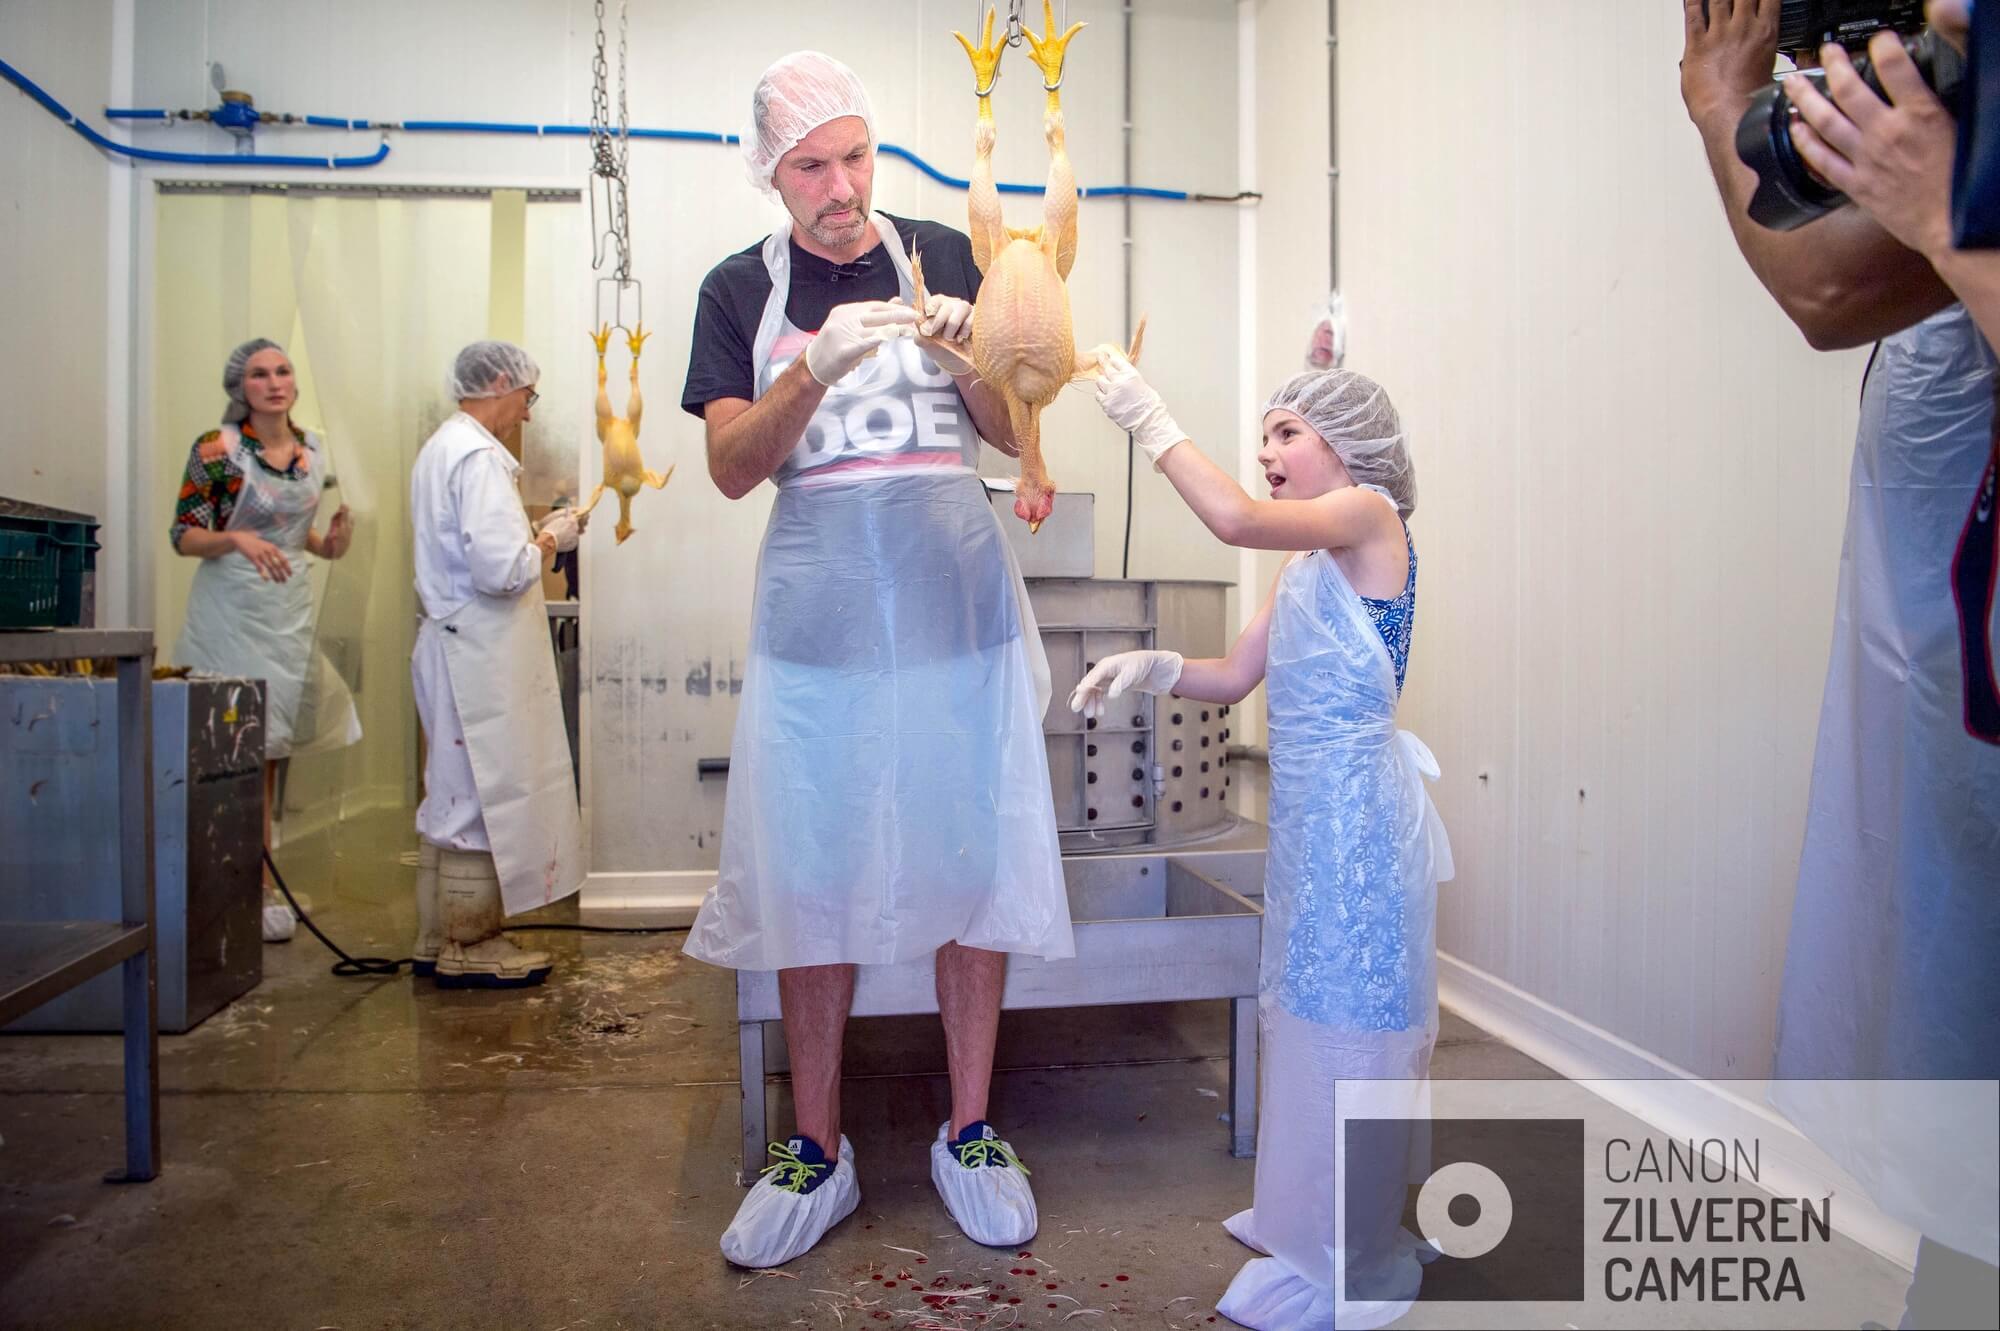 20-06-2018. Hoeven. De laatste fase van het Doehetzelf kip, het slachten. Jeroen heeft zelf de kip geslacht samen plukken ze hun kip kaal.